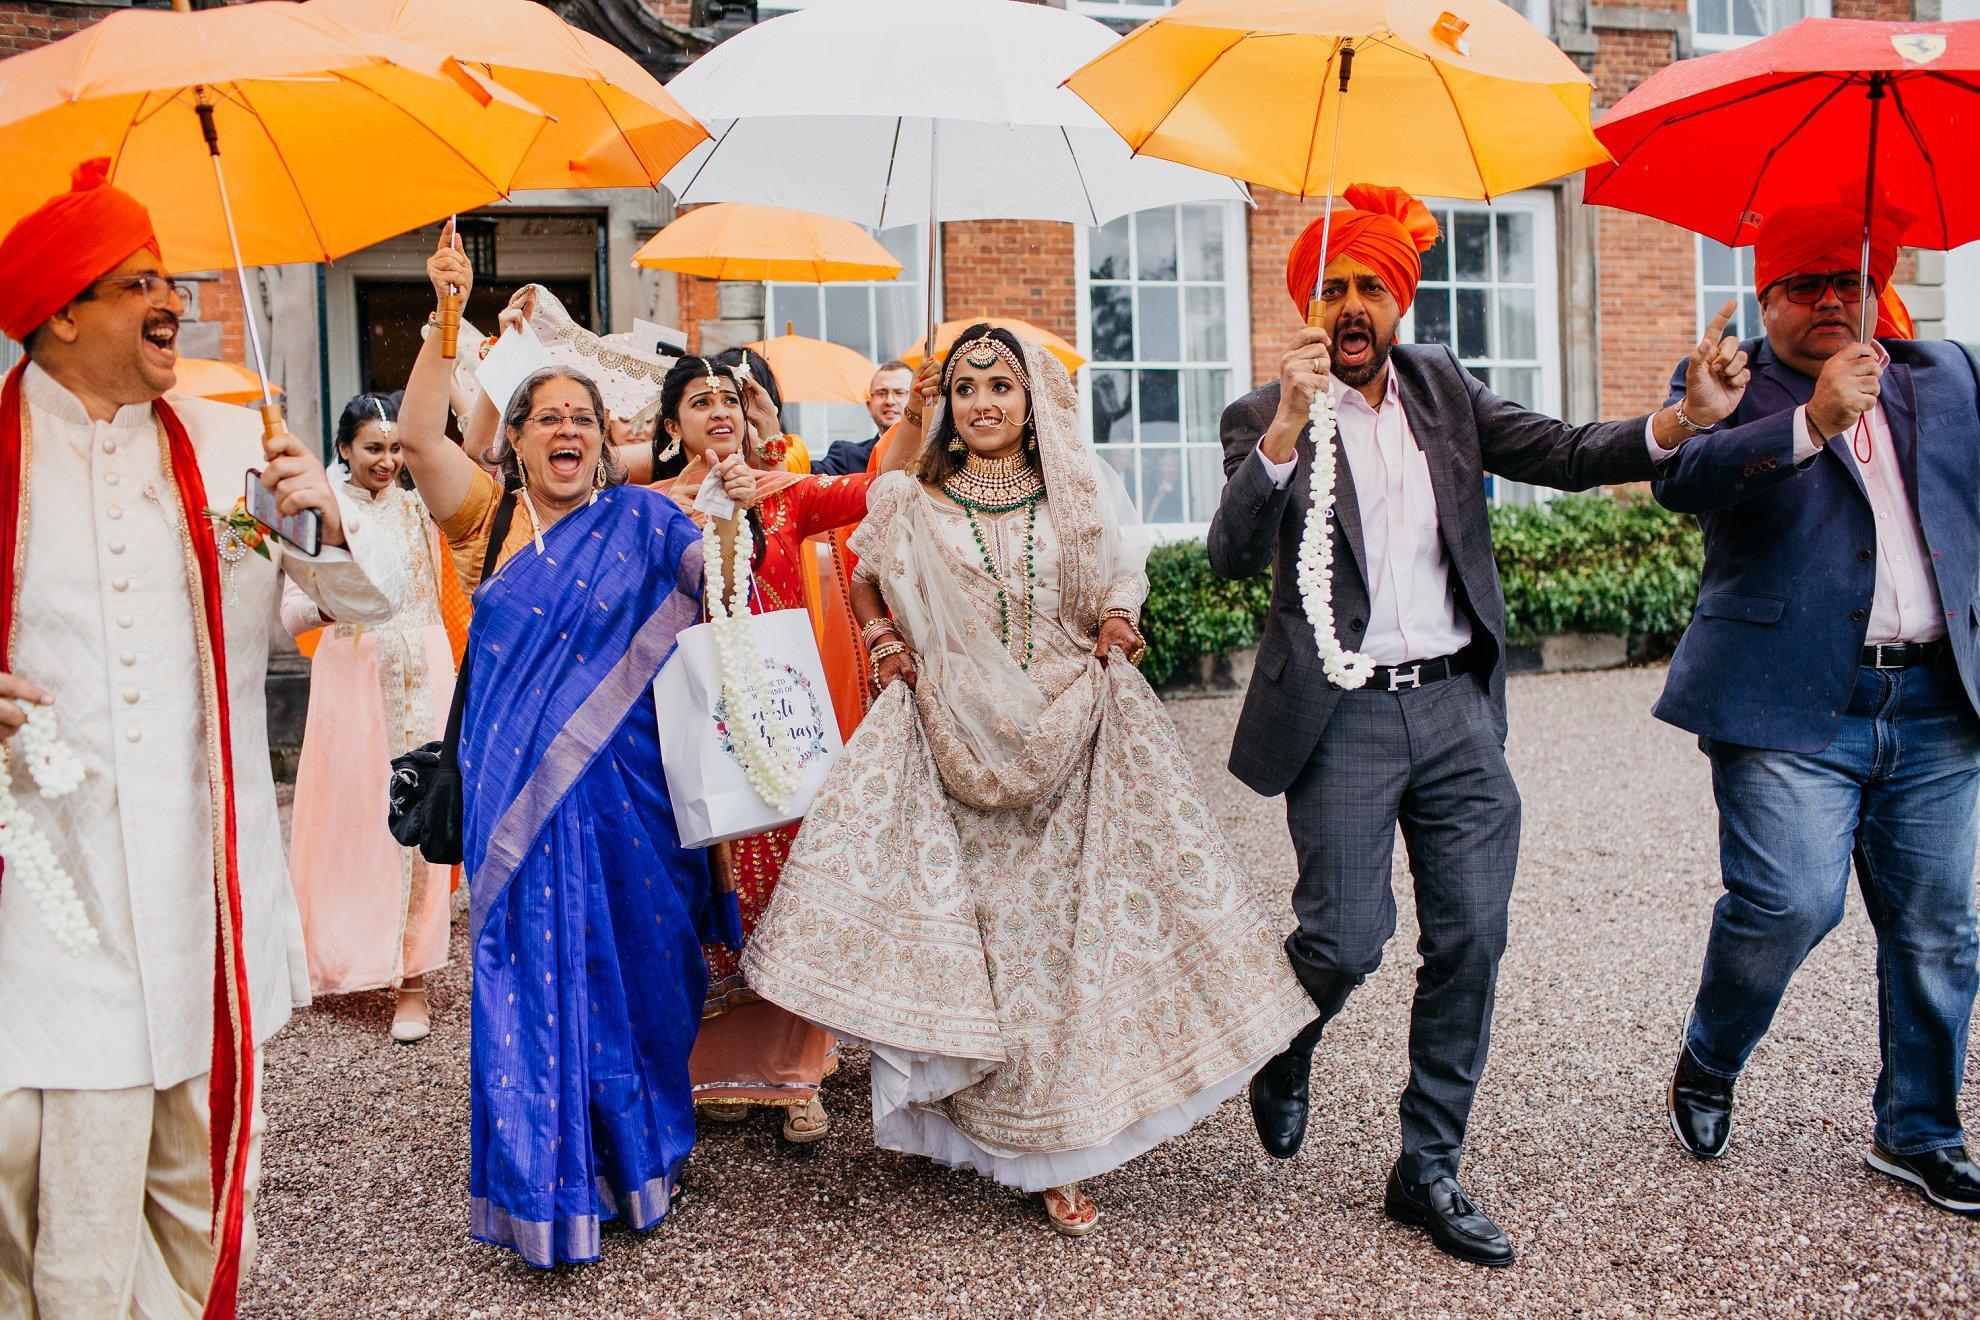 Whitmore Hall wedding